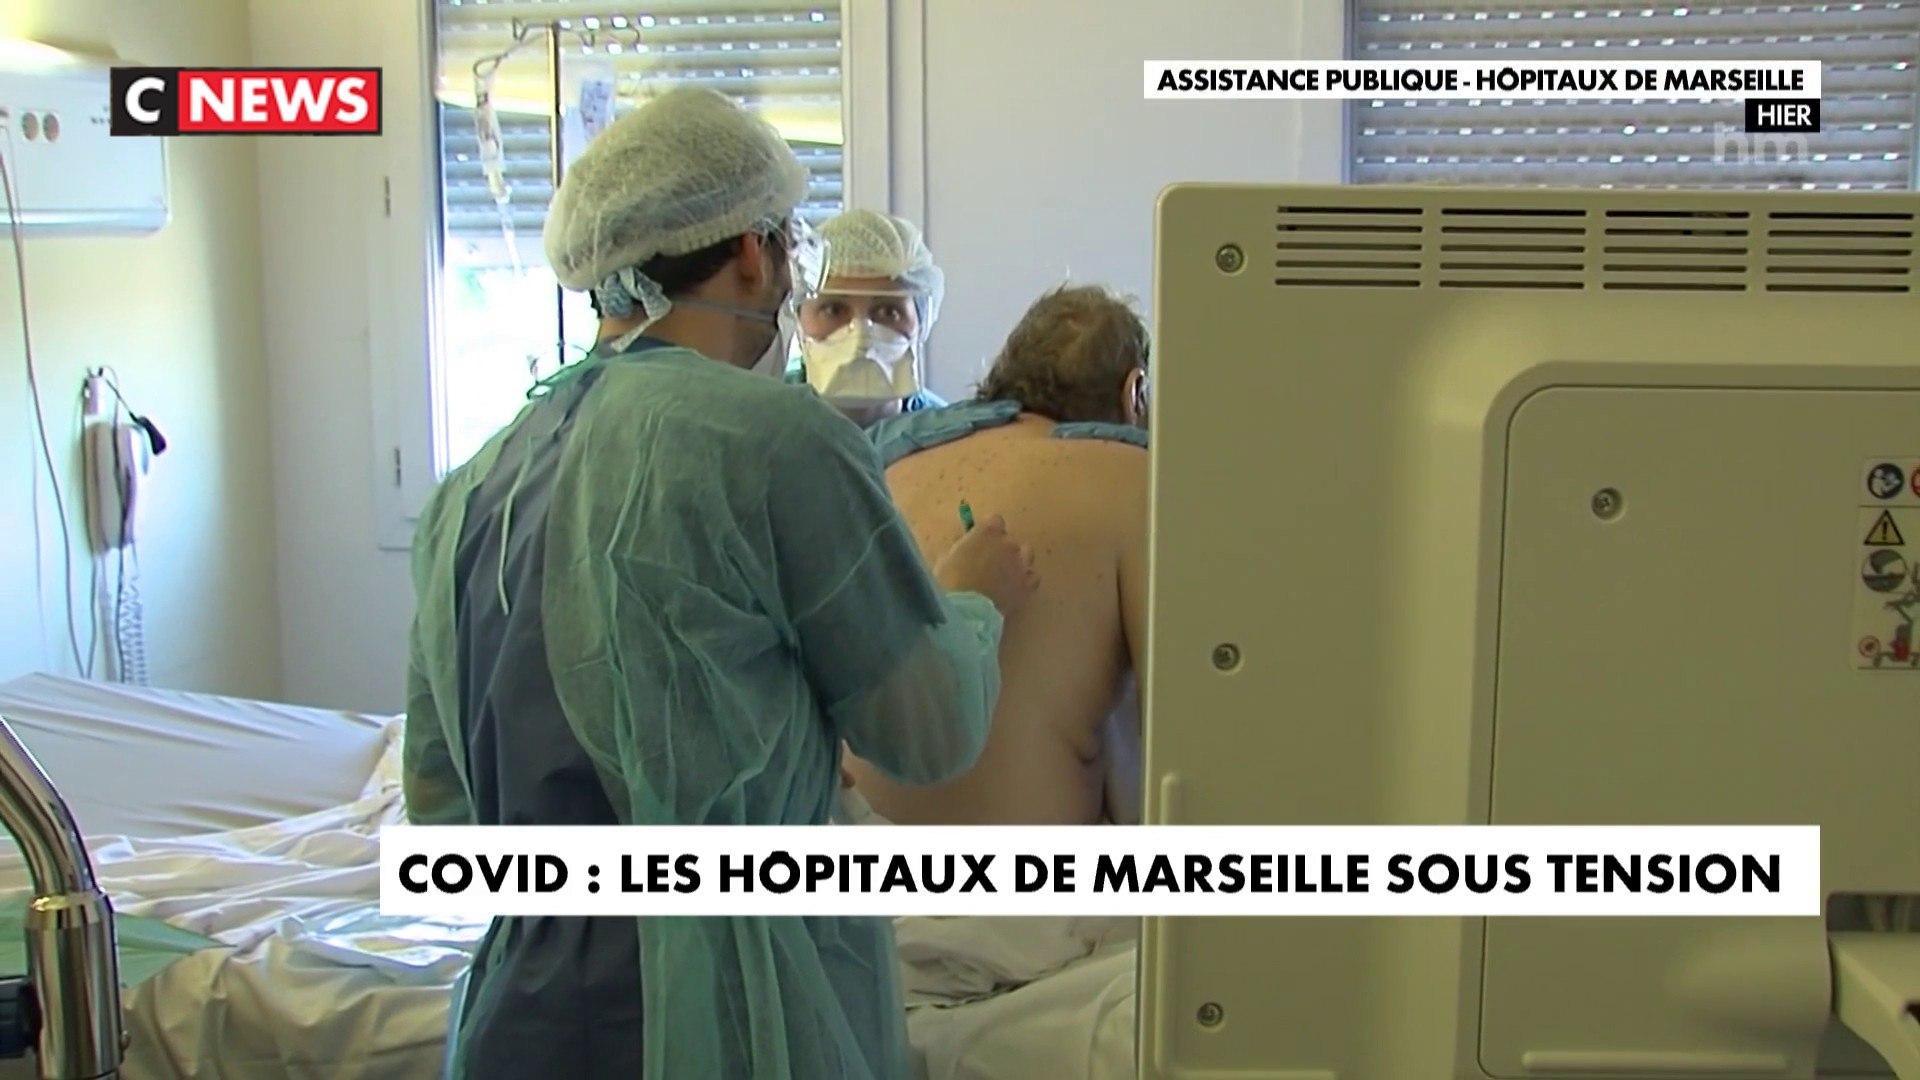 Coronavirus : les hôpitaux de Marseille sous tension